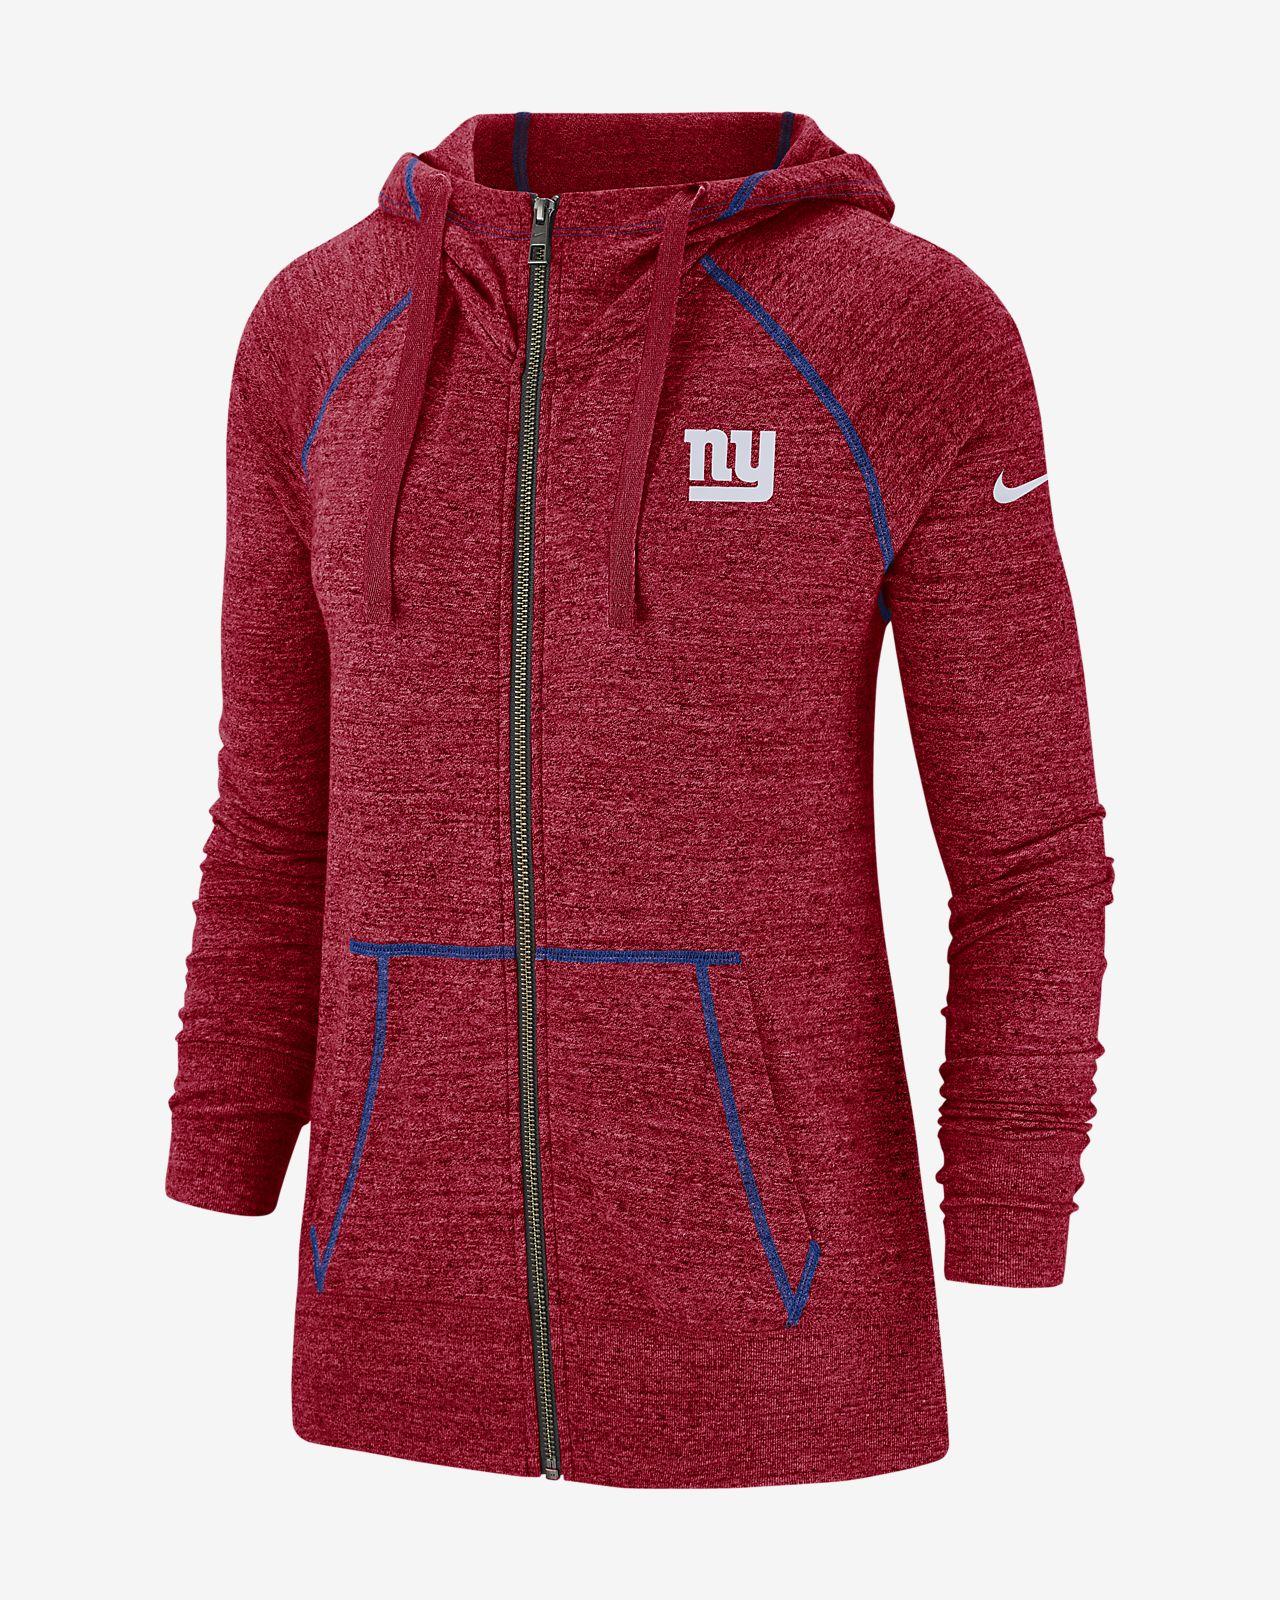 uk availability 6ff2c cf1cf Nike Gym Vintage (NFL Giants) Women's Full-Zip Hoodie